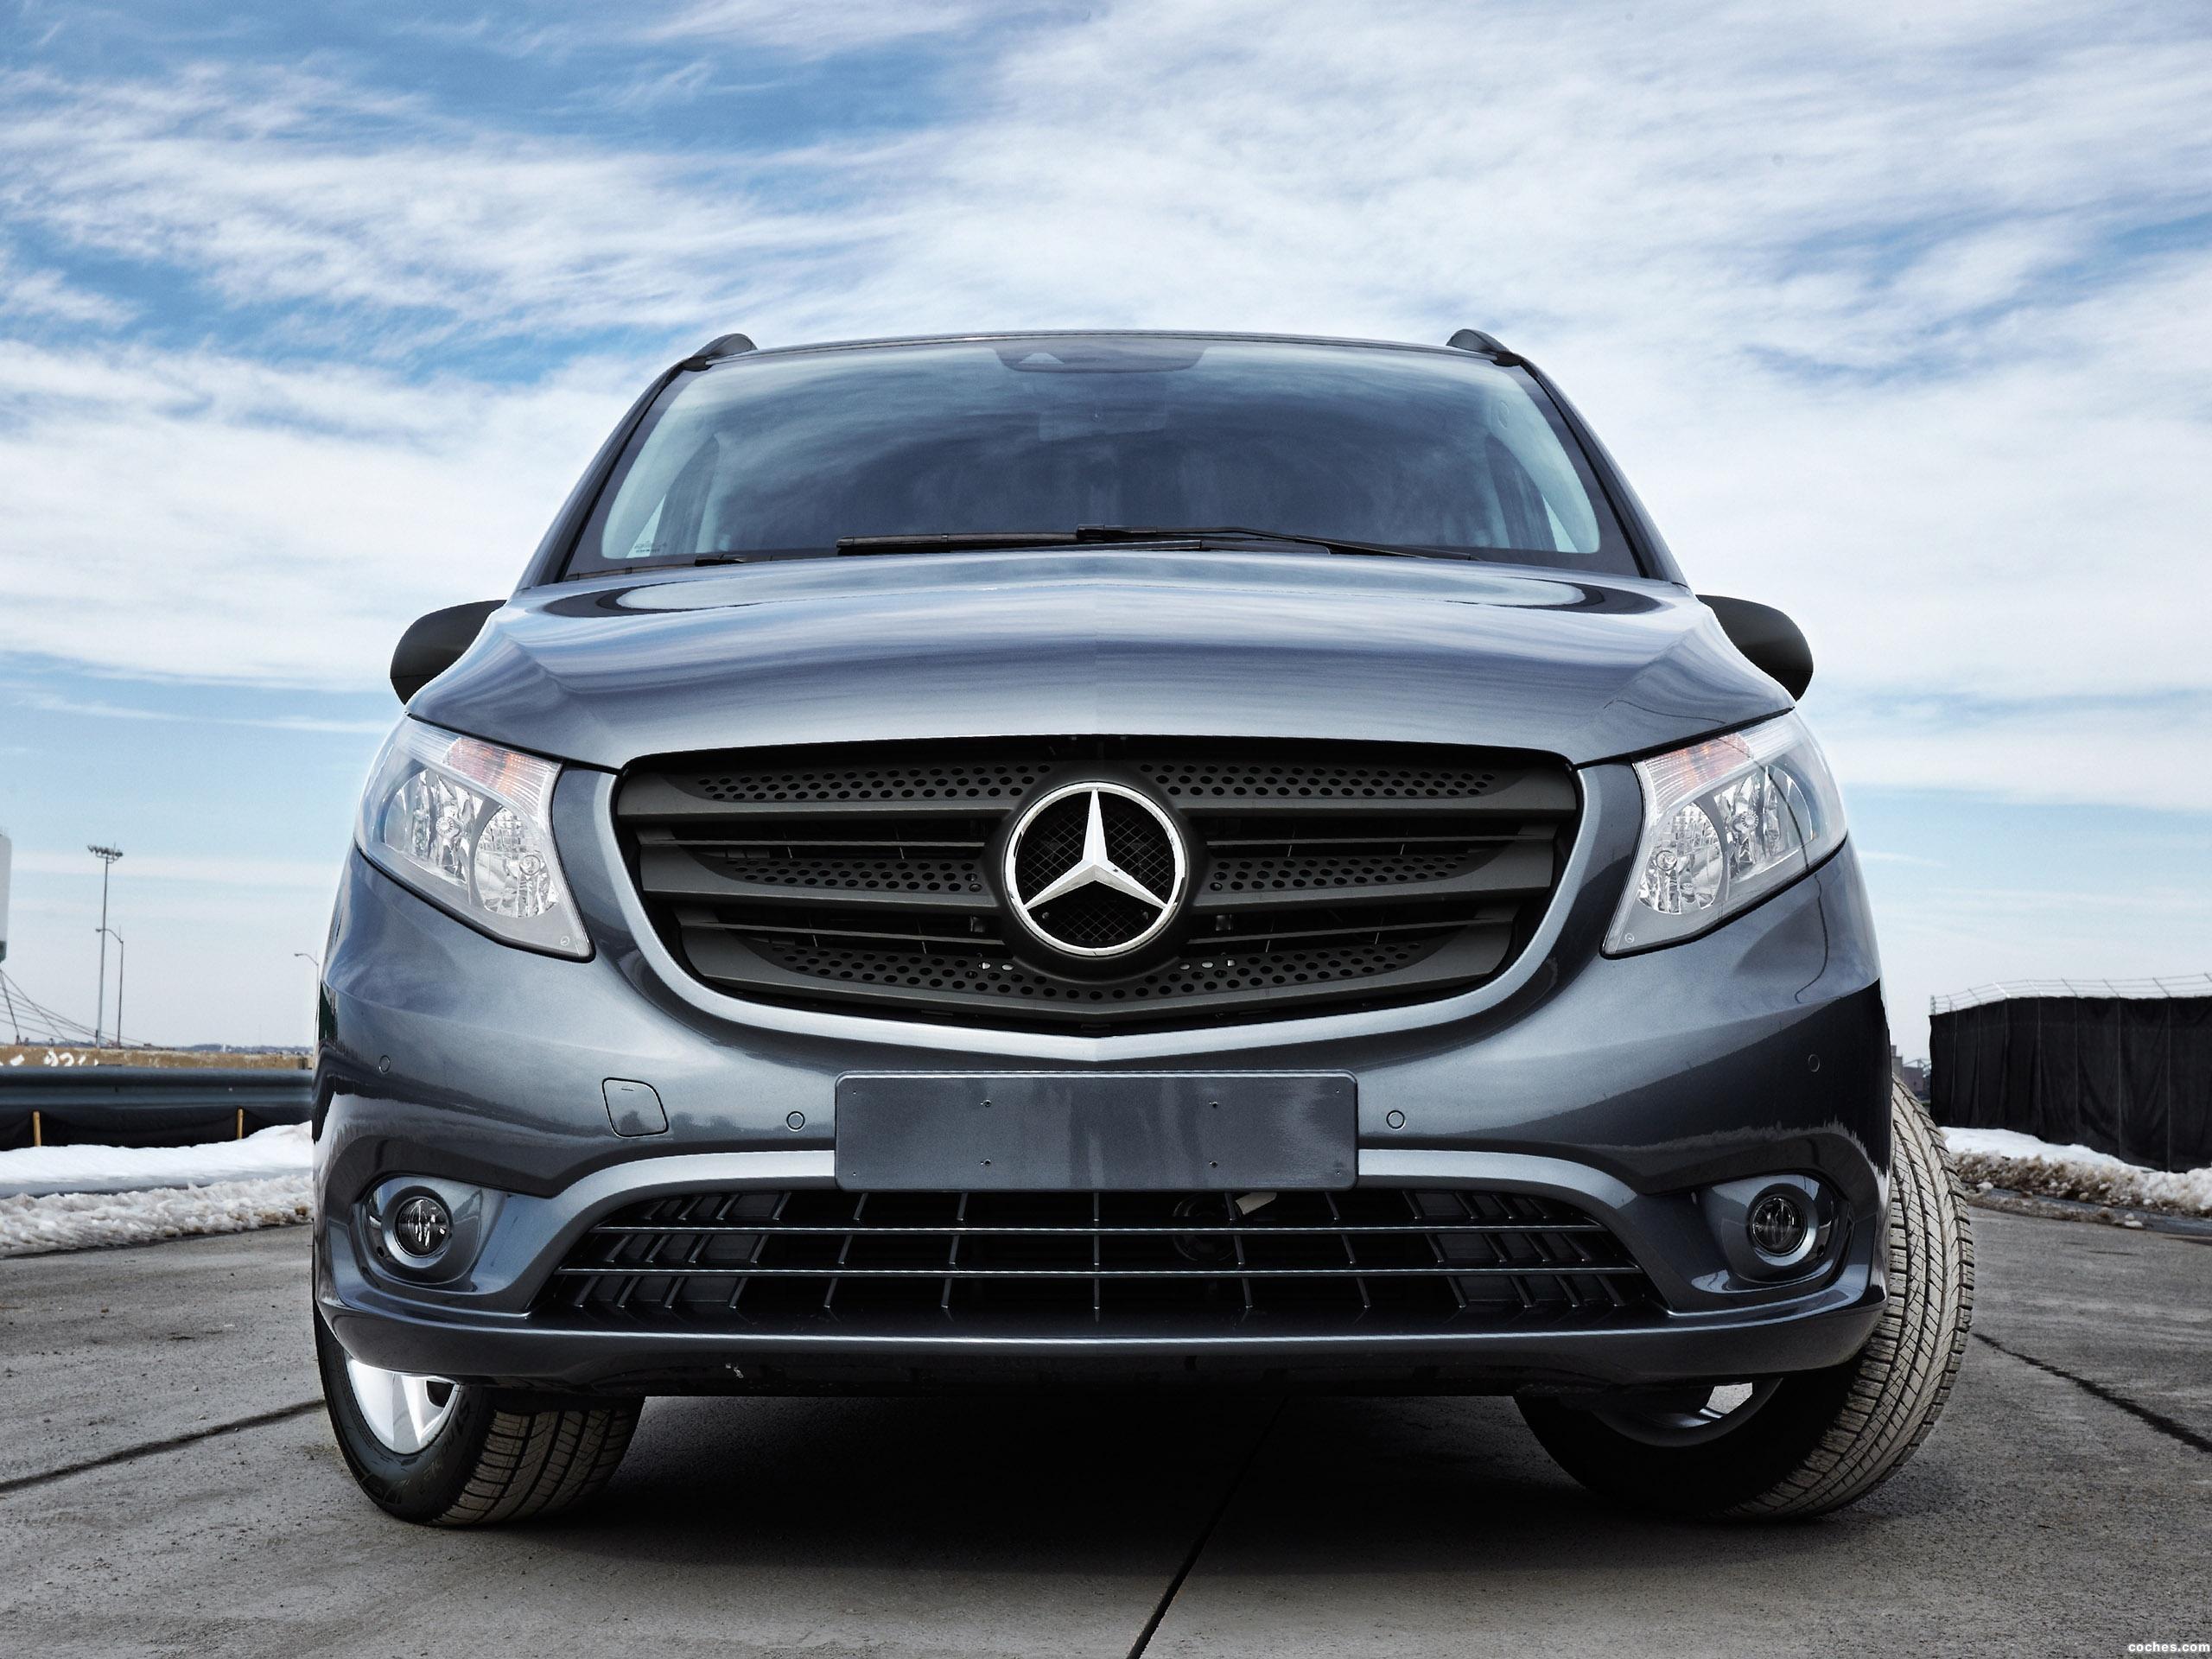 Foto 0 de Mercedes Metris 2015